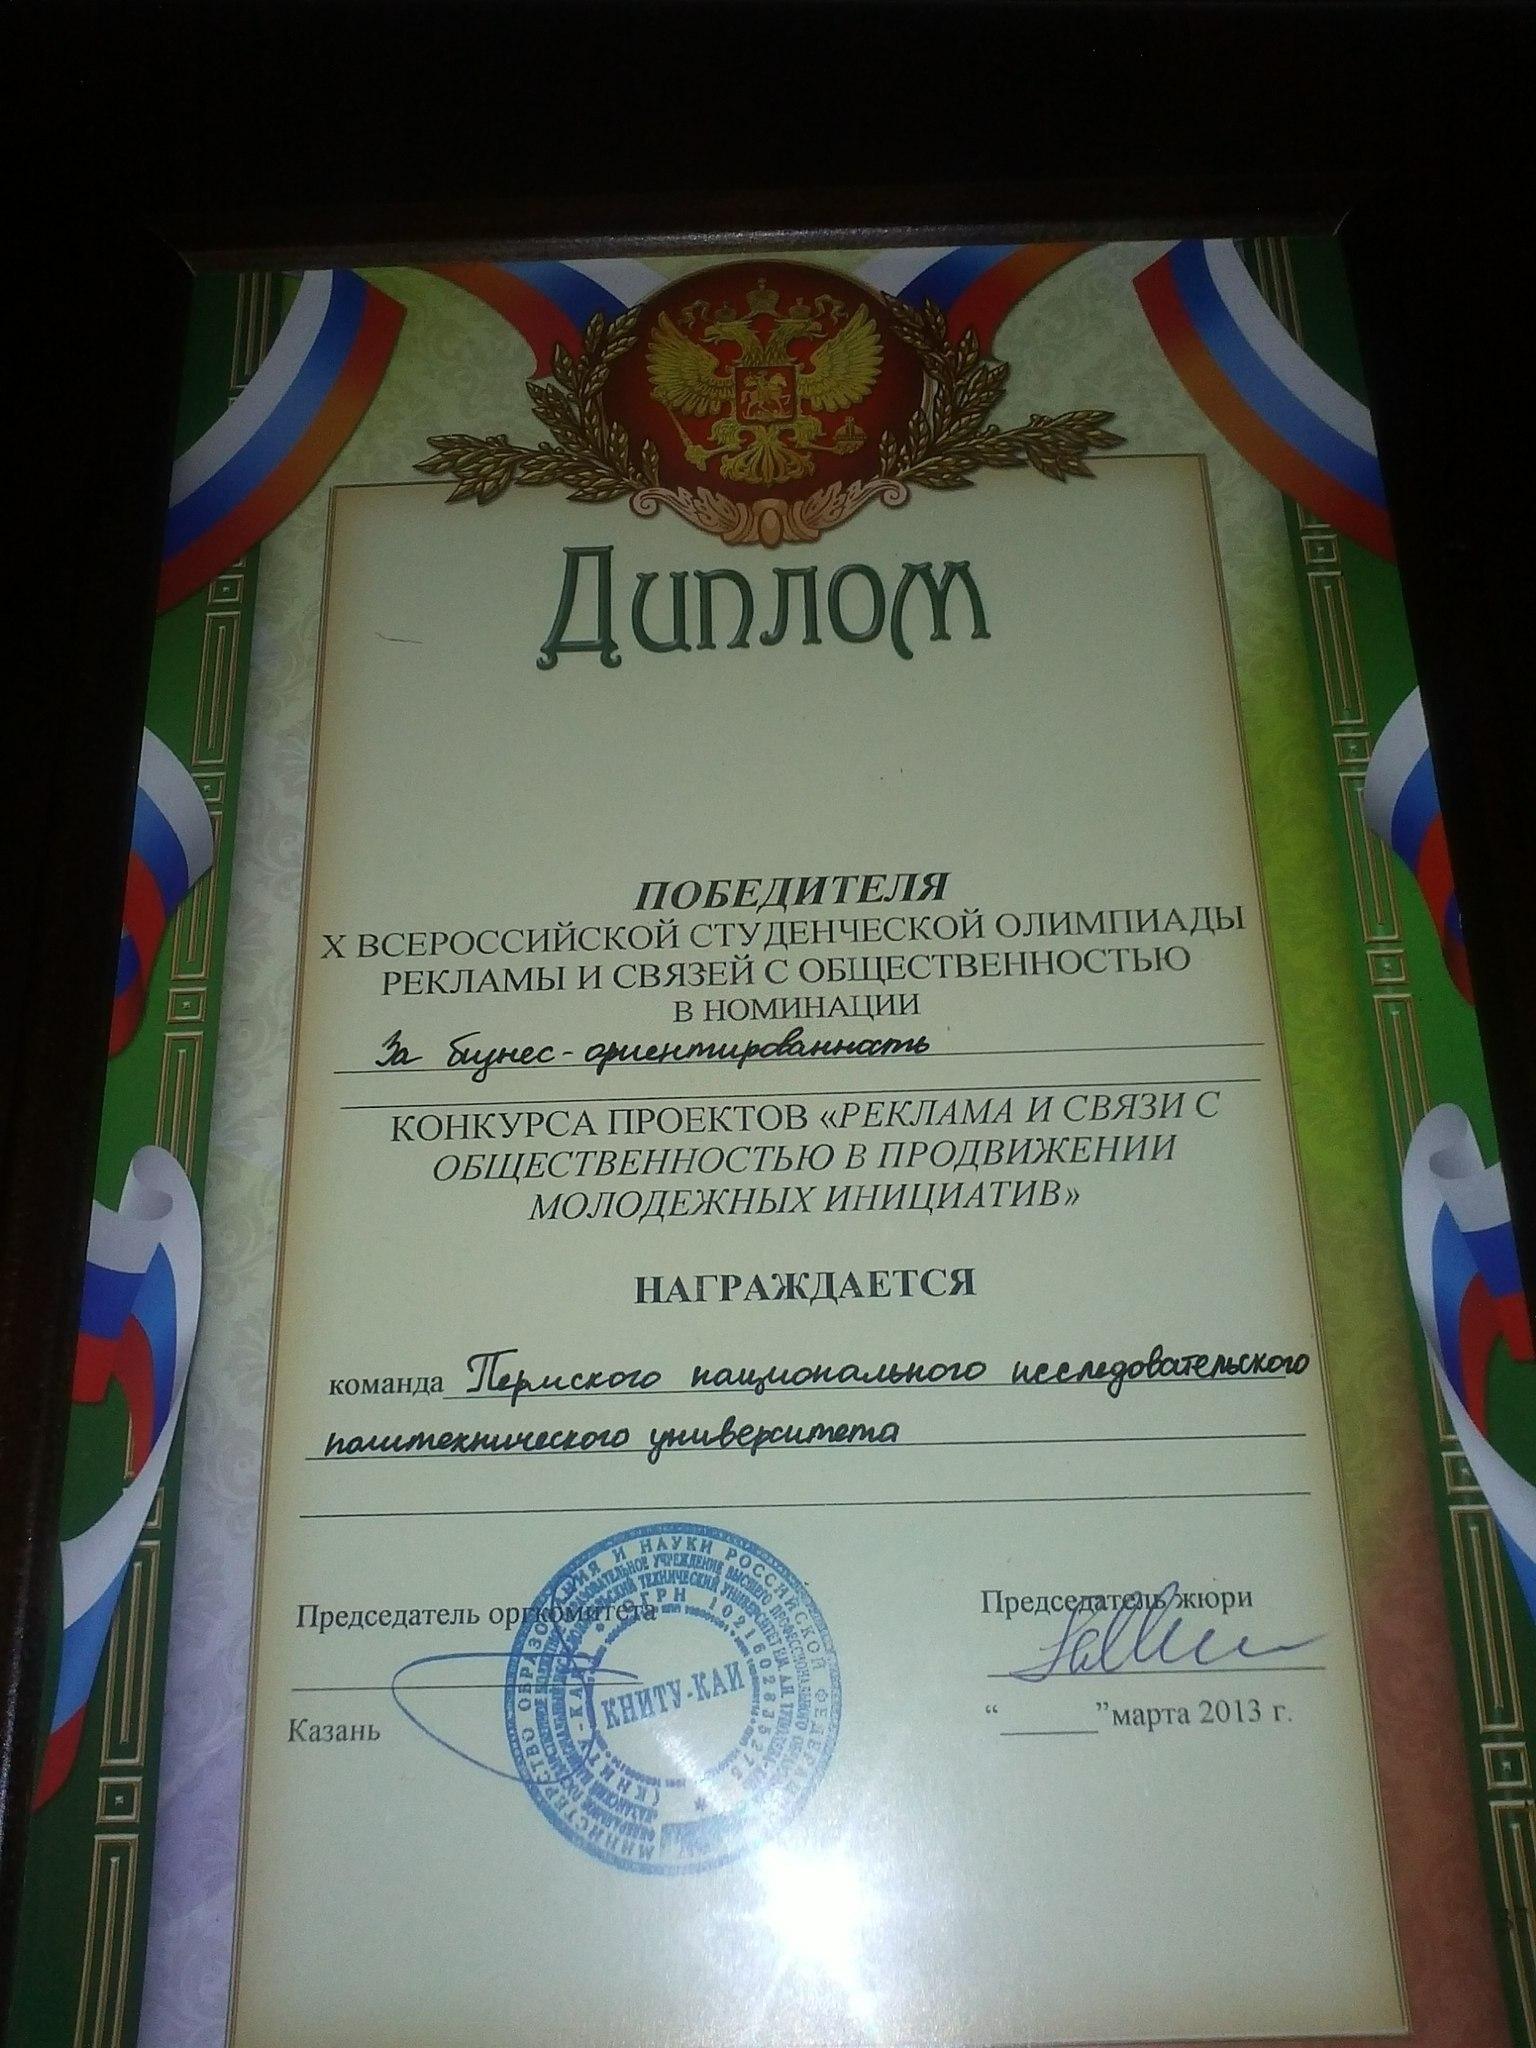 Конкурсы олимпиады фестивали форумы Диплом со дней pr в Казани